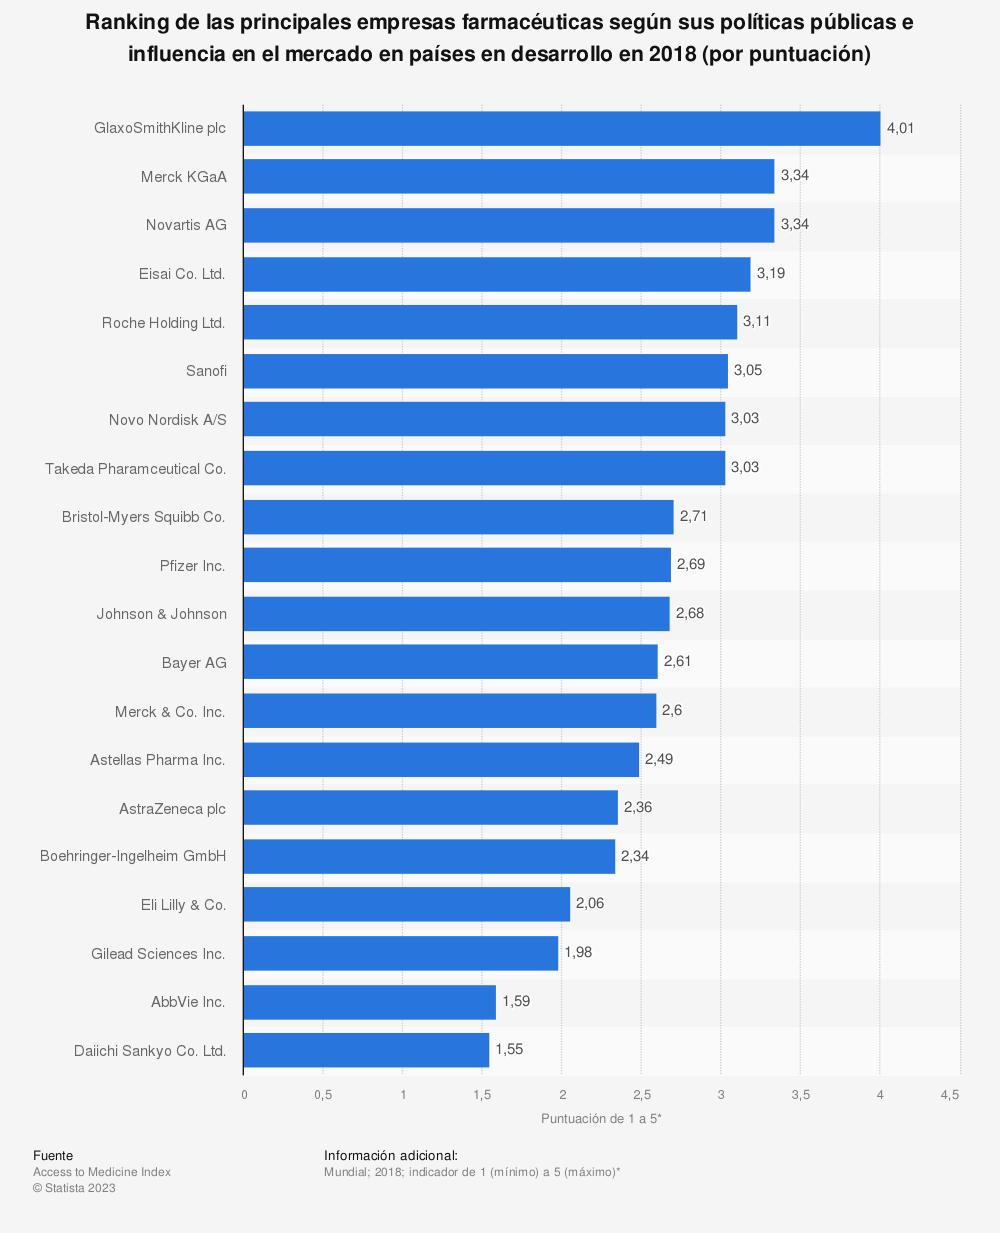 Estadística: Ranking de las principales empresas farmacéuticas según sus políticas públicas e influencia en el mercado en países en desarrollo en 2018 (por puntuación) | Statista